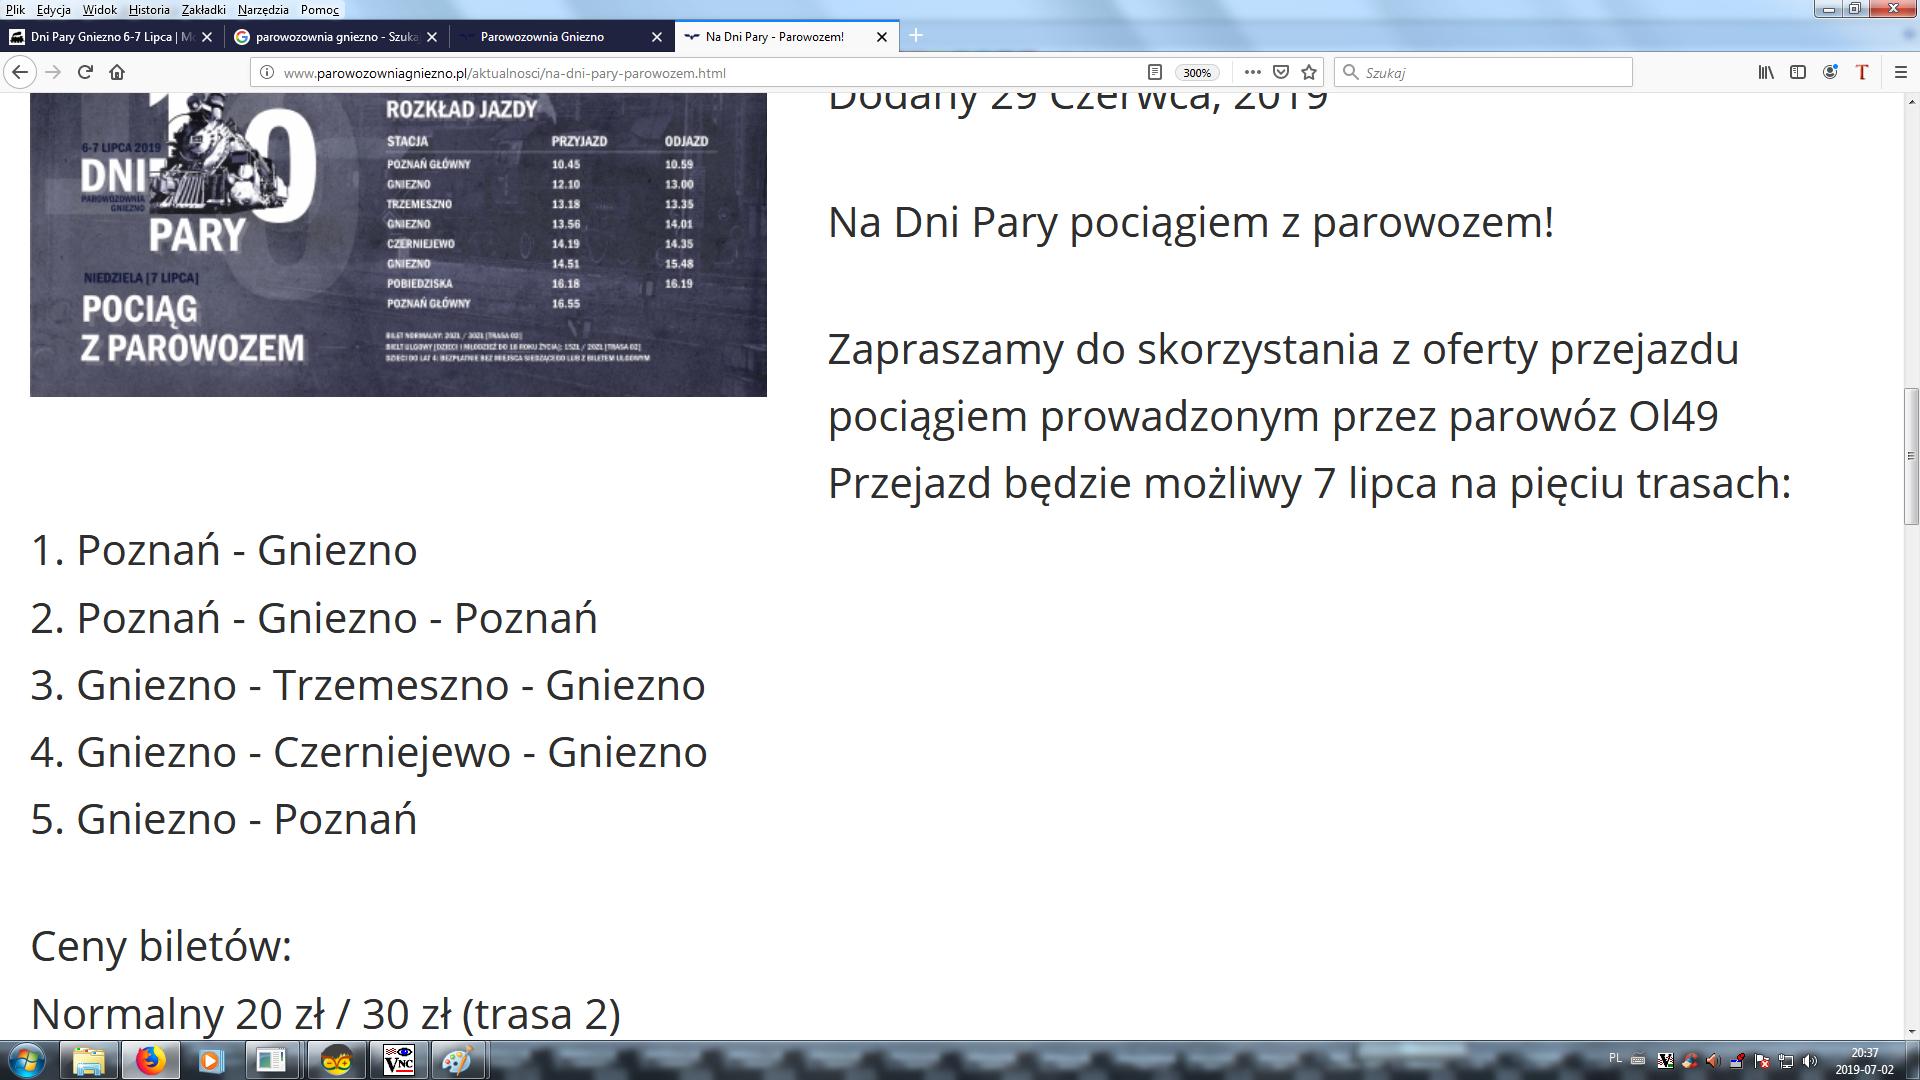 Parowoz Gniezno Poznan 2019 07 07.png